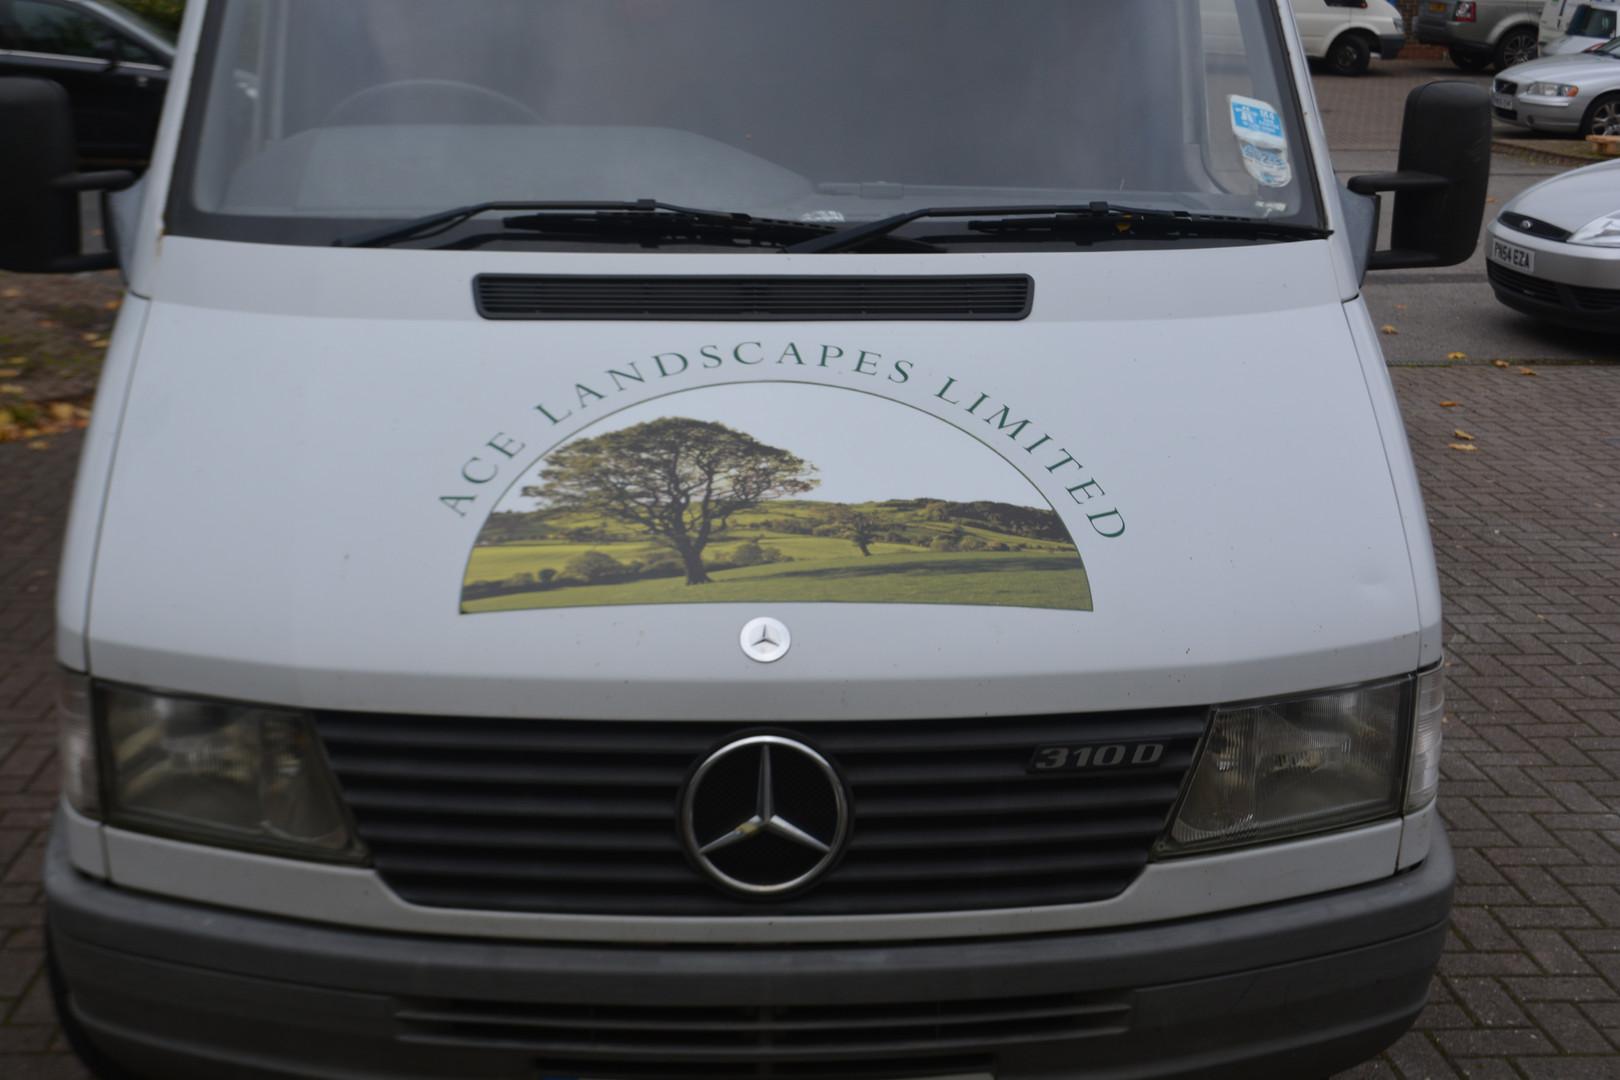 ACE Landscapre Limited vehicle graphics